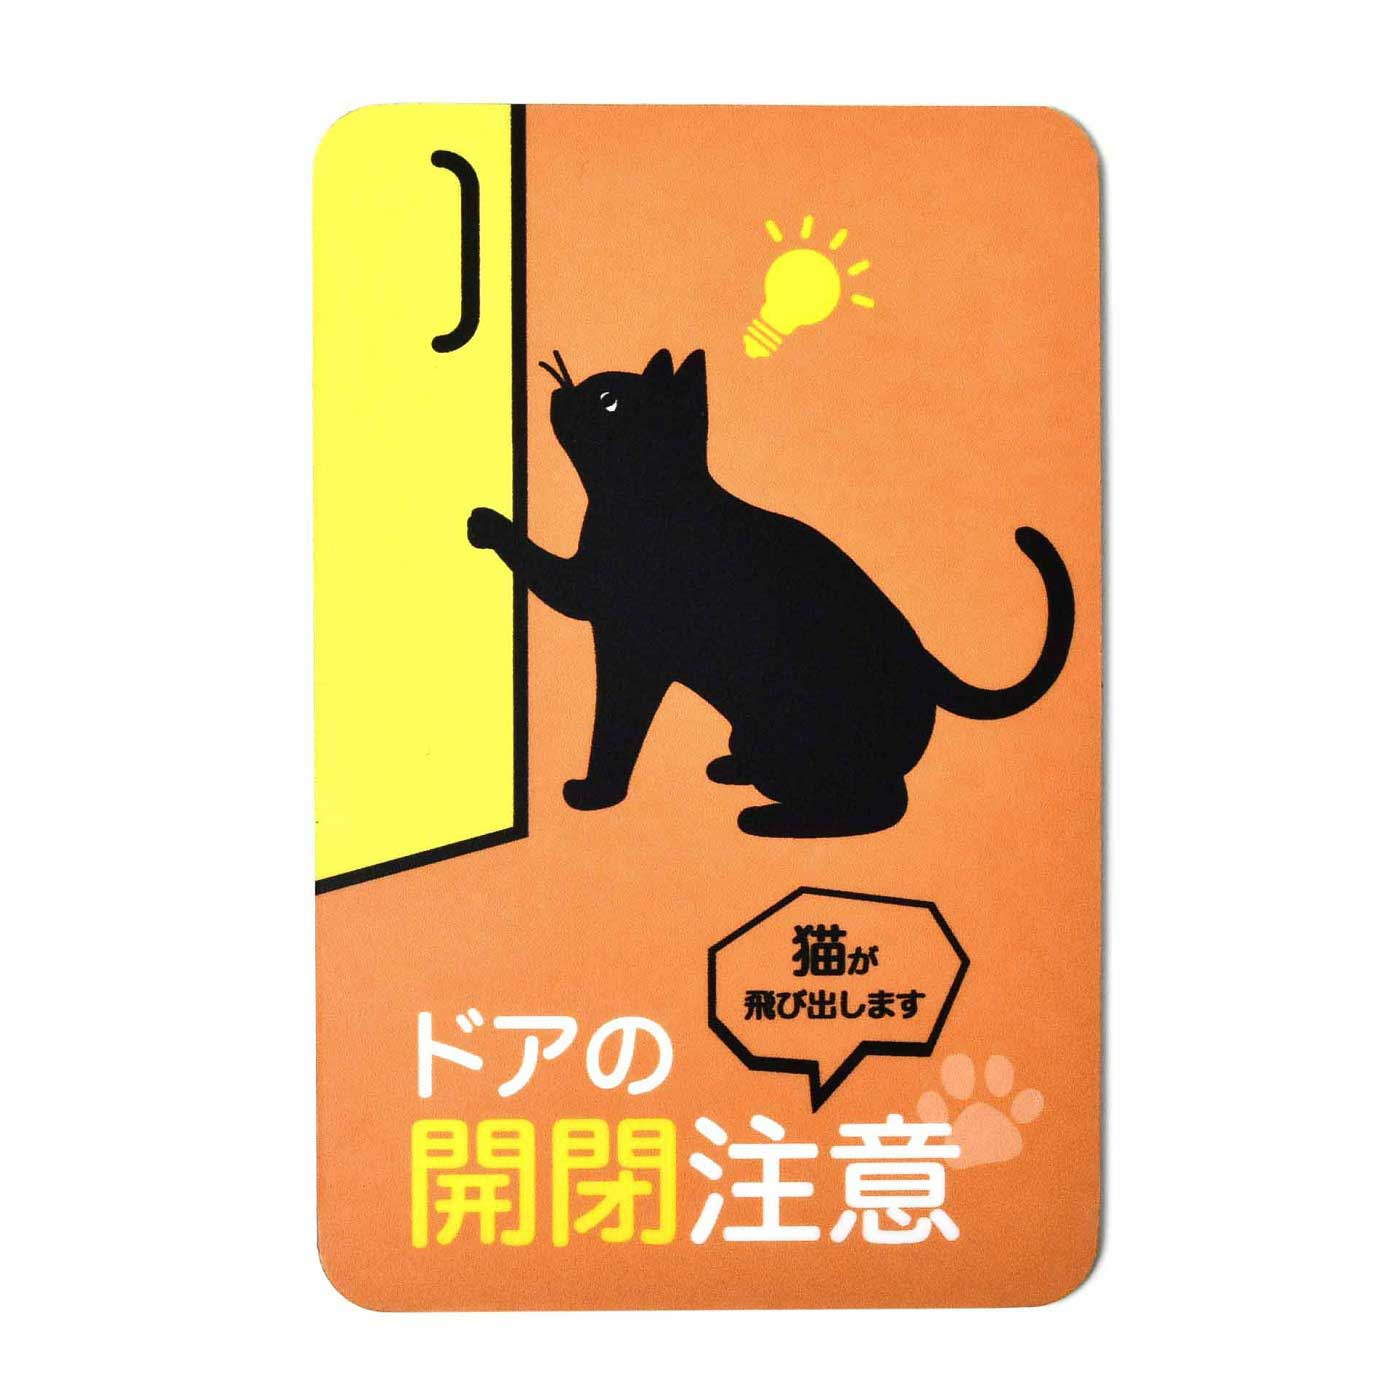 いつものお願いステッカー ドアのすき間から猫が飛び出さないように、訪問者に注意を促します。